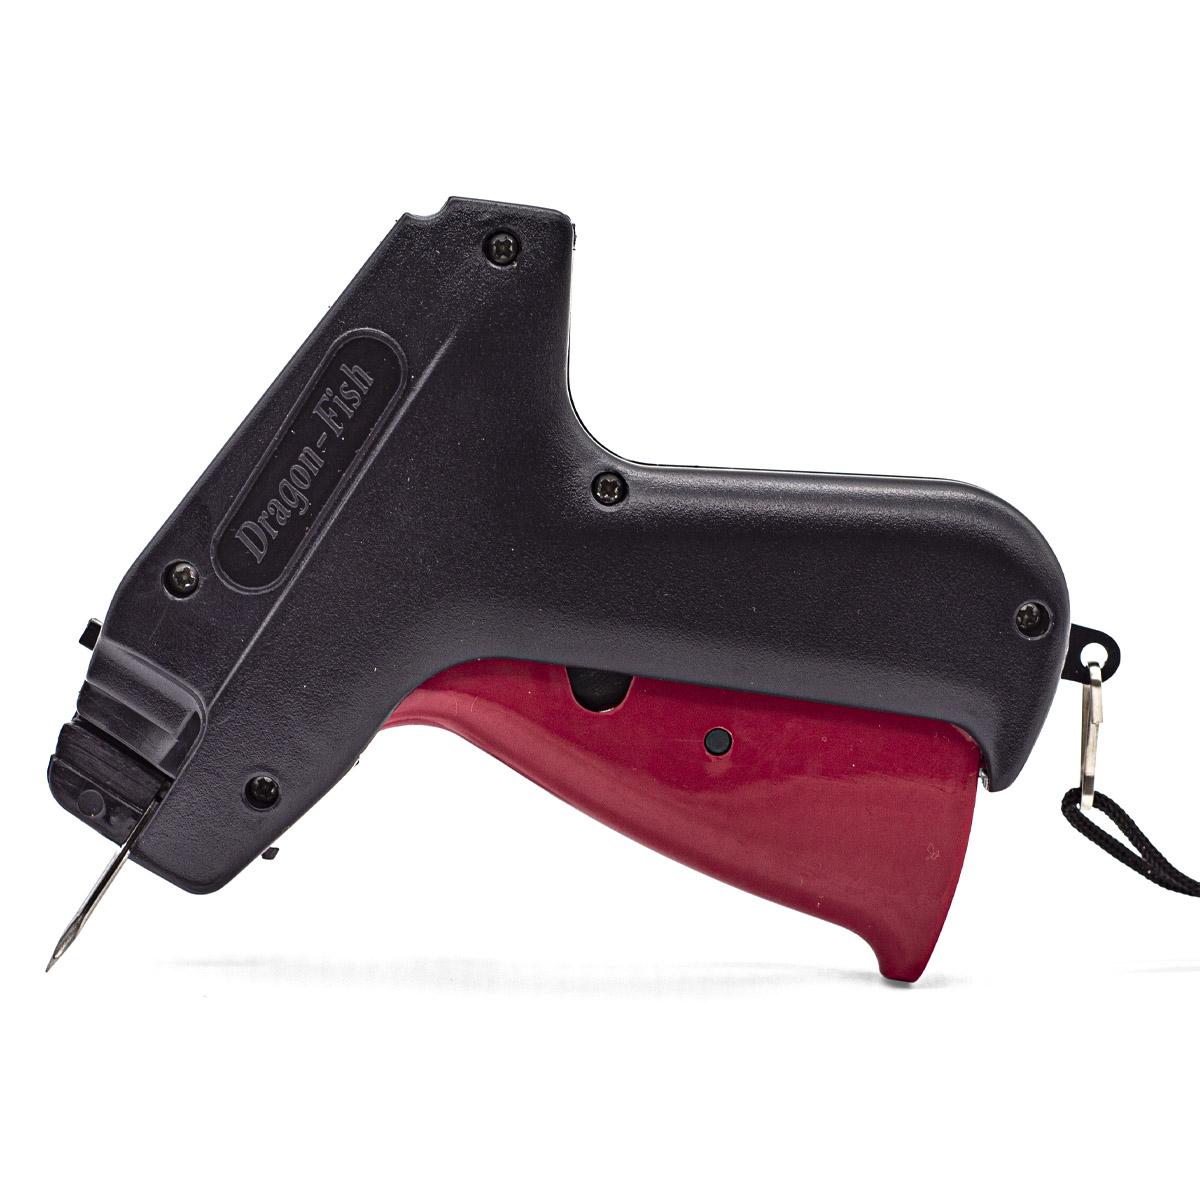 TG-01 Этикет-пистолет стандартный